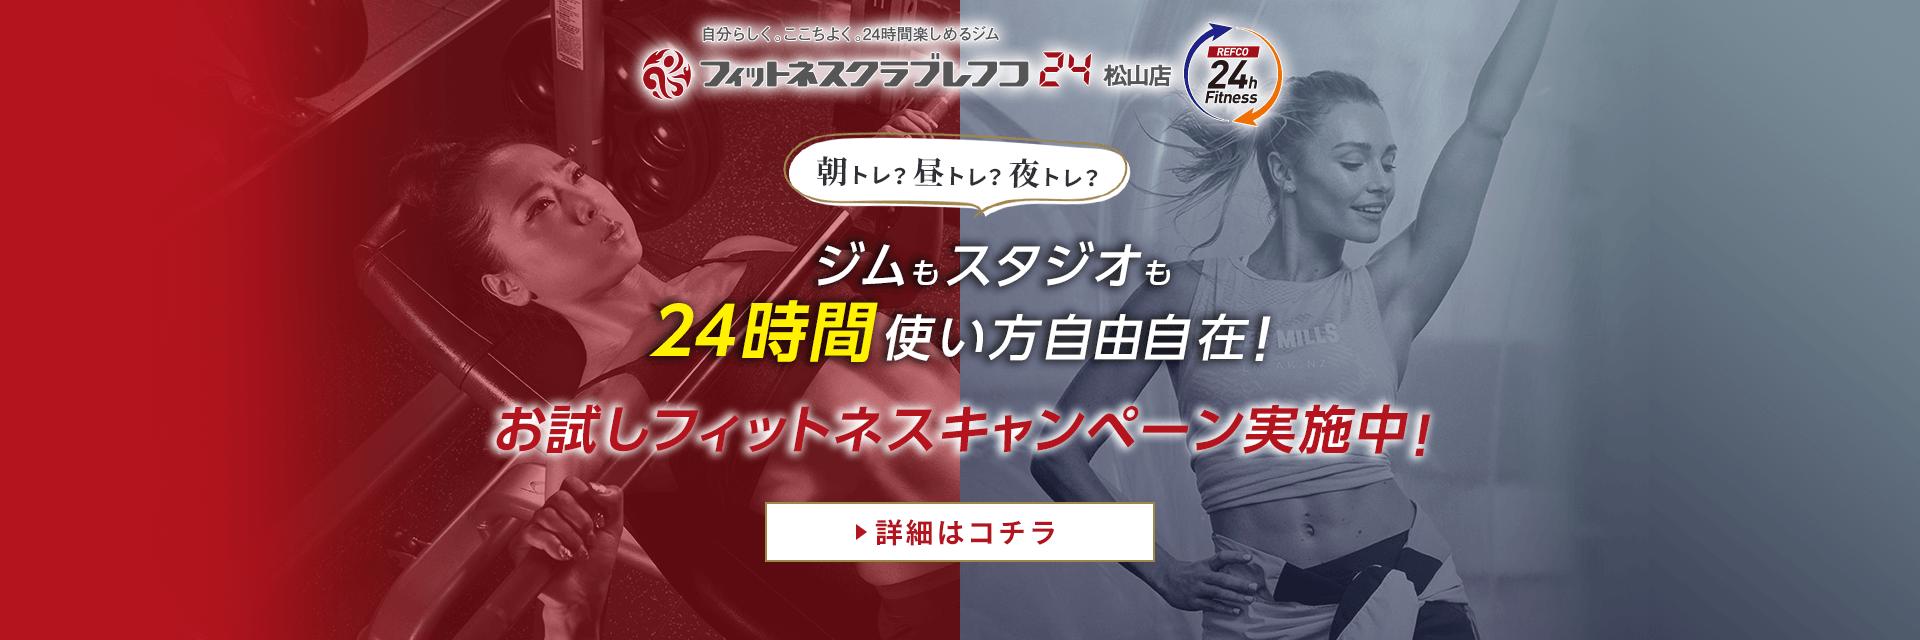 フィットネスクラブレフコ松山店リニューアルキャンペーン